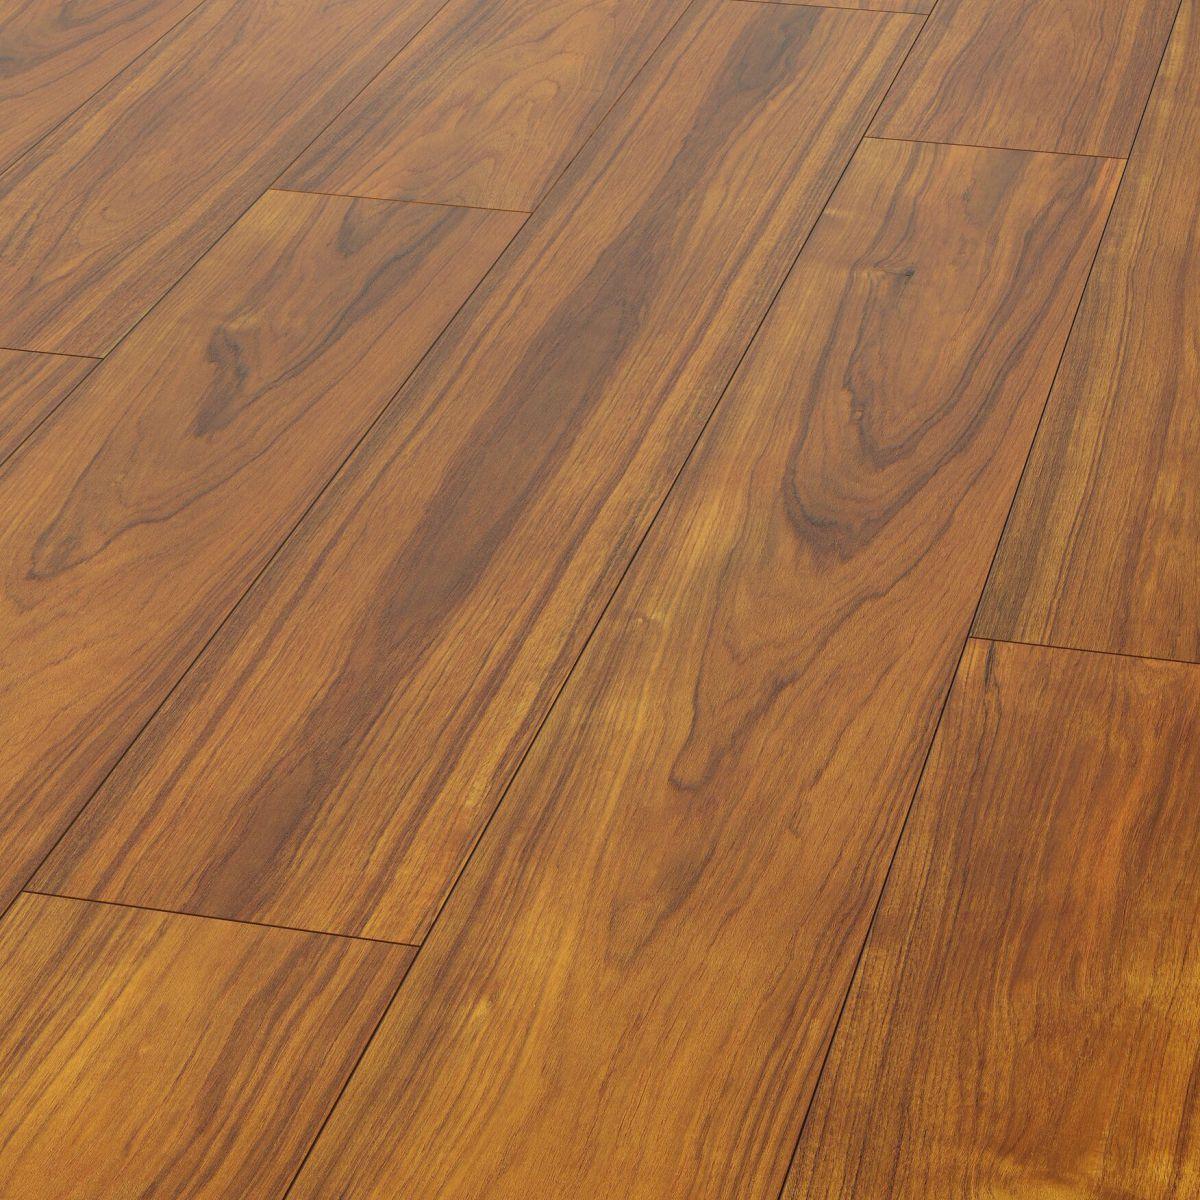 Avatara vloer hout N06 diagonaal